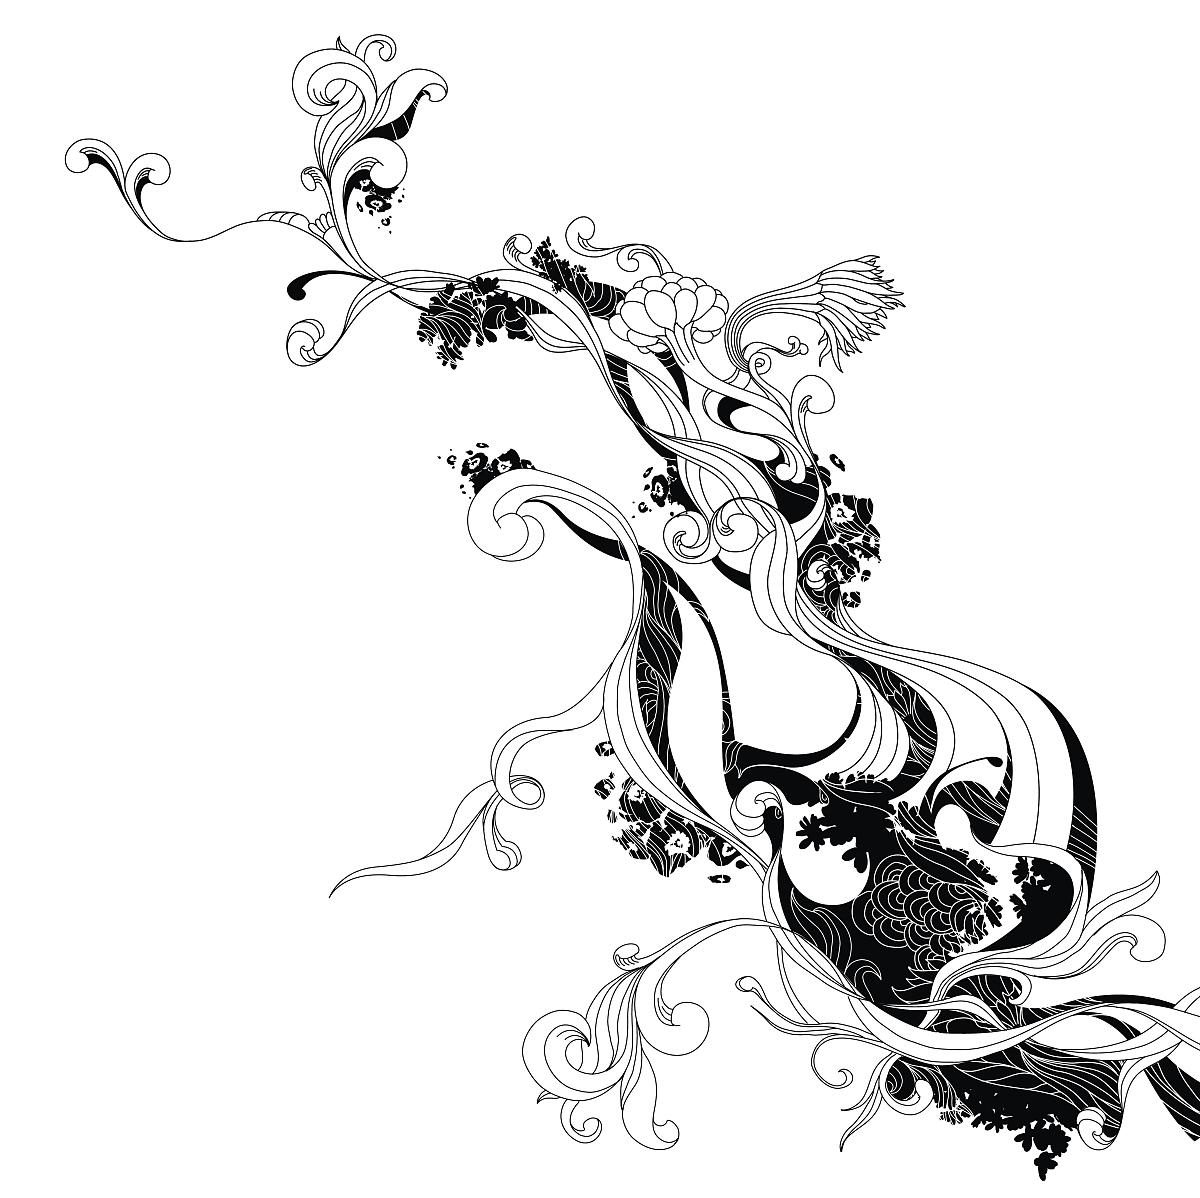 纹身图案 花纹身手稿黑白 > ▼ ┊打印 ┊举报 已投稿到:  ▼ ┊打印图片